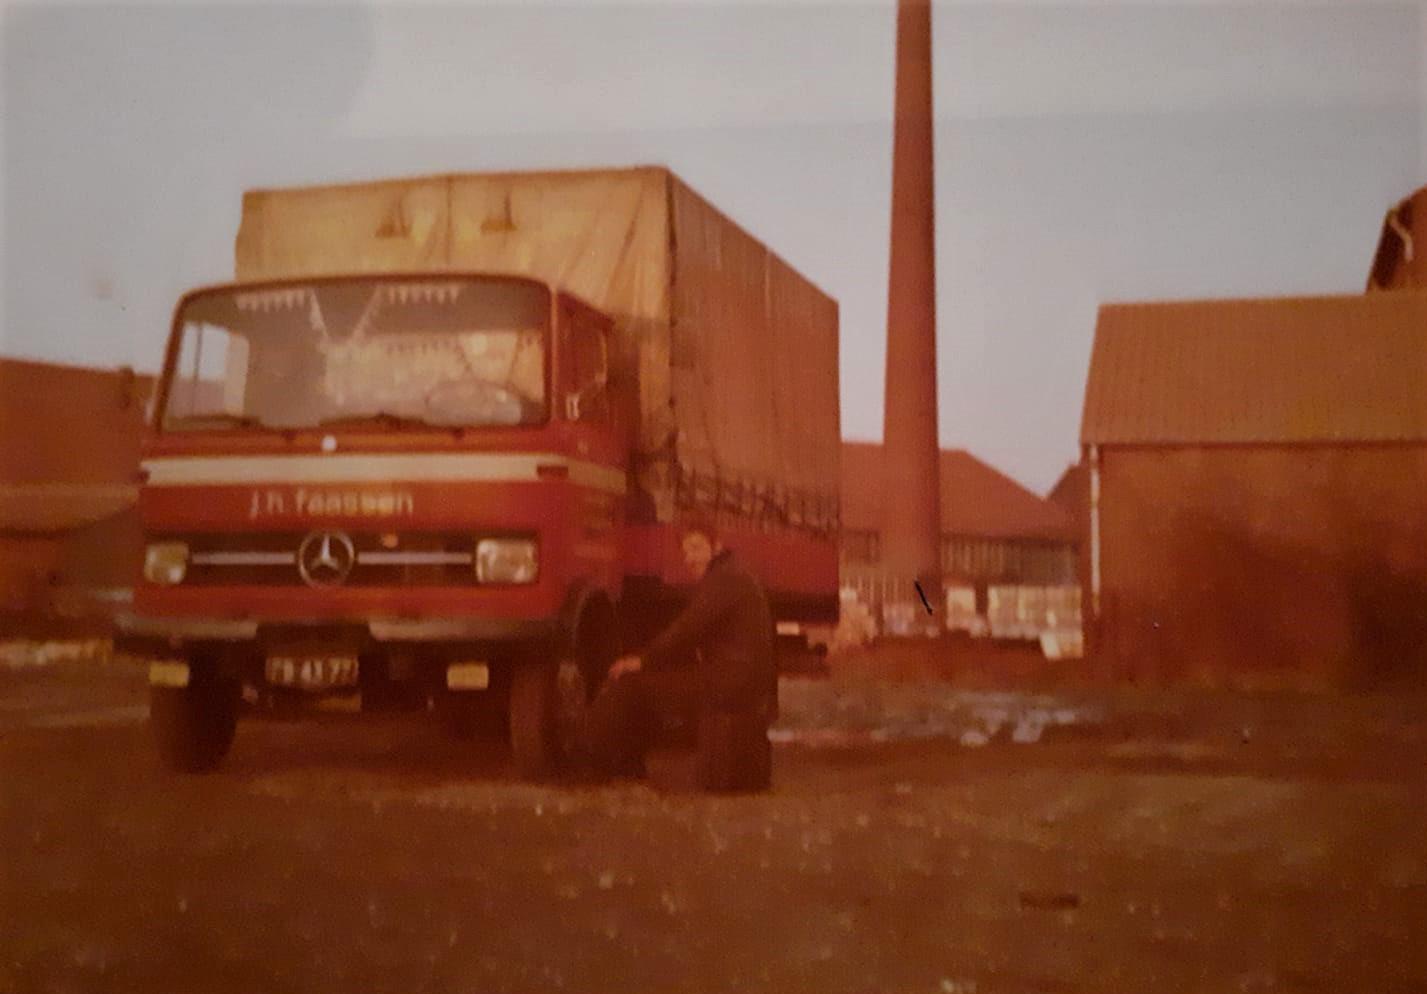 MB-Calimero-chauffeur-Sjaak-Verheijden--1973